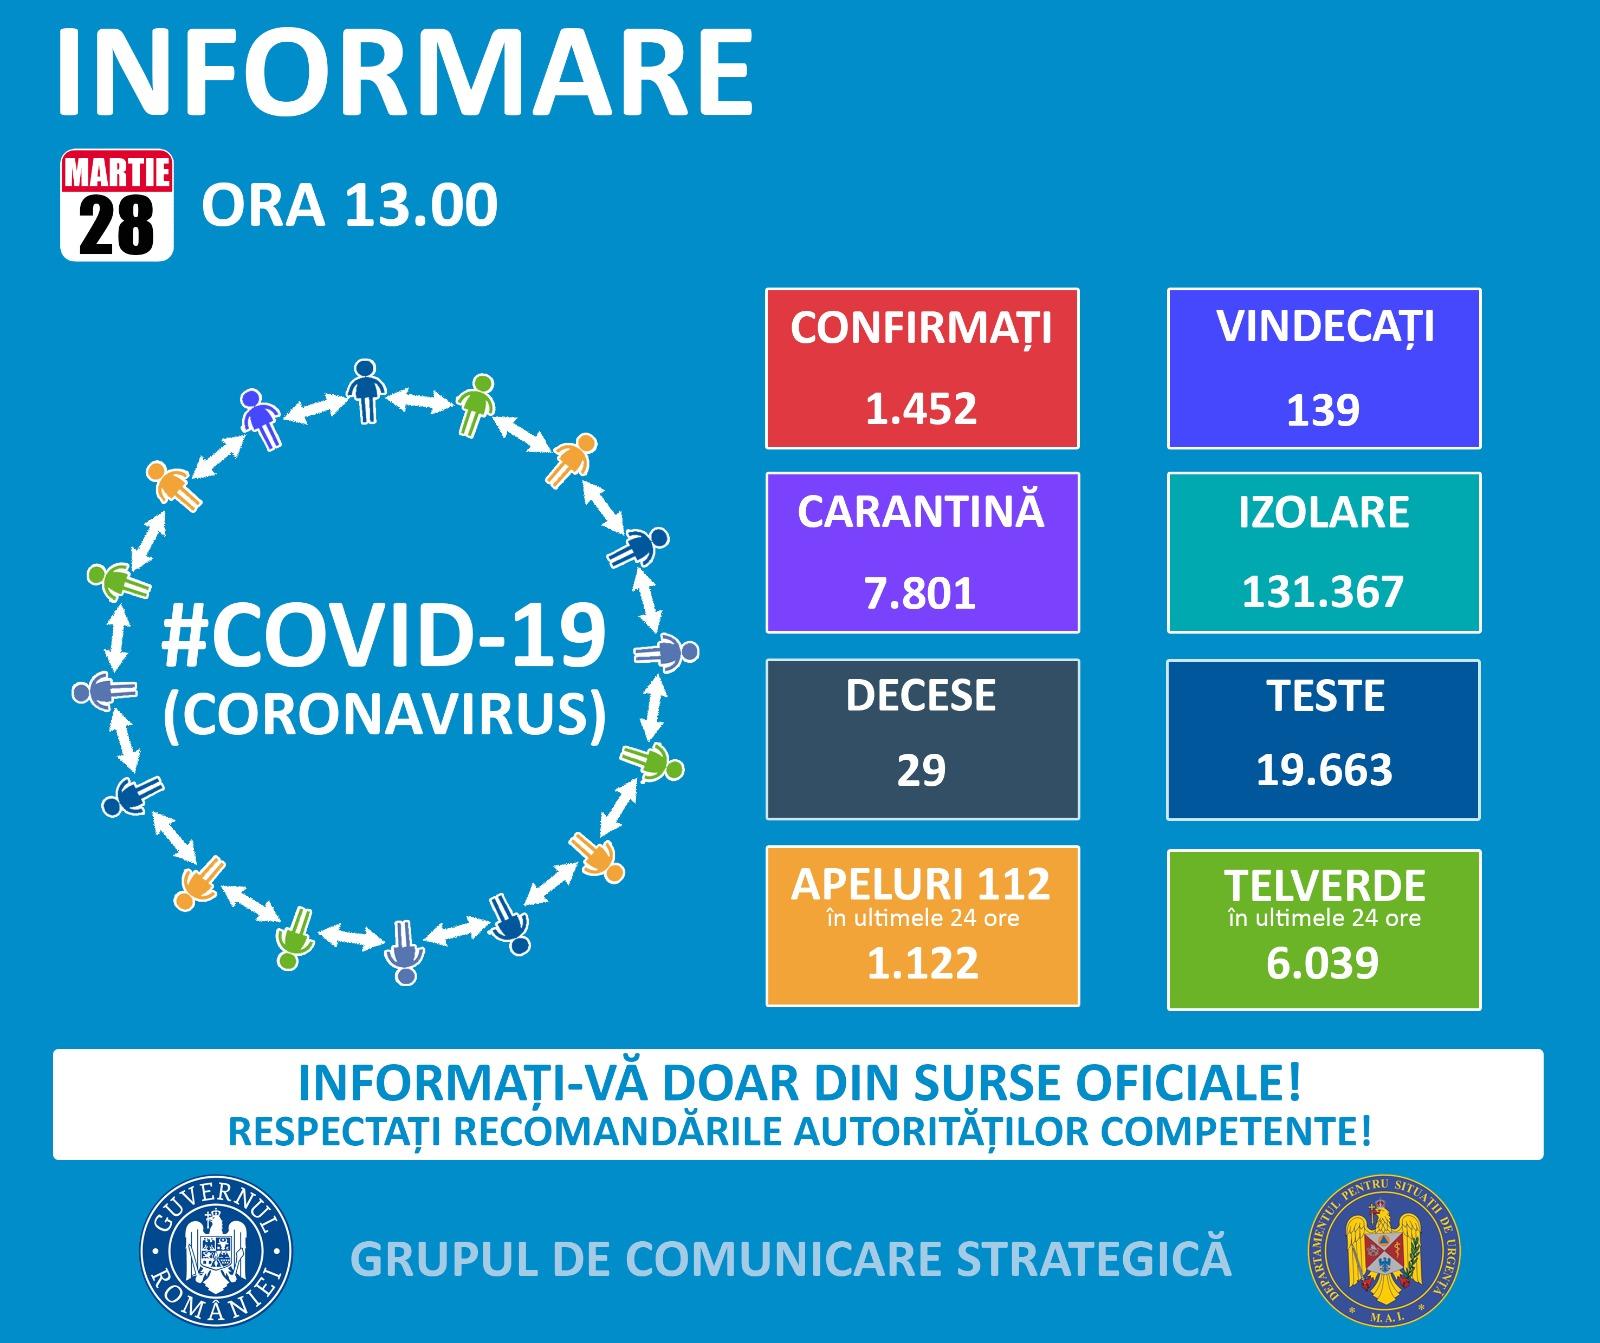 Bilant coronavirus România 28 martie: 160 de cazuri noi. 34 de oameni la ATI, din care 25 în stare gravă